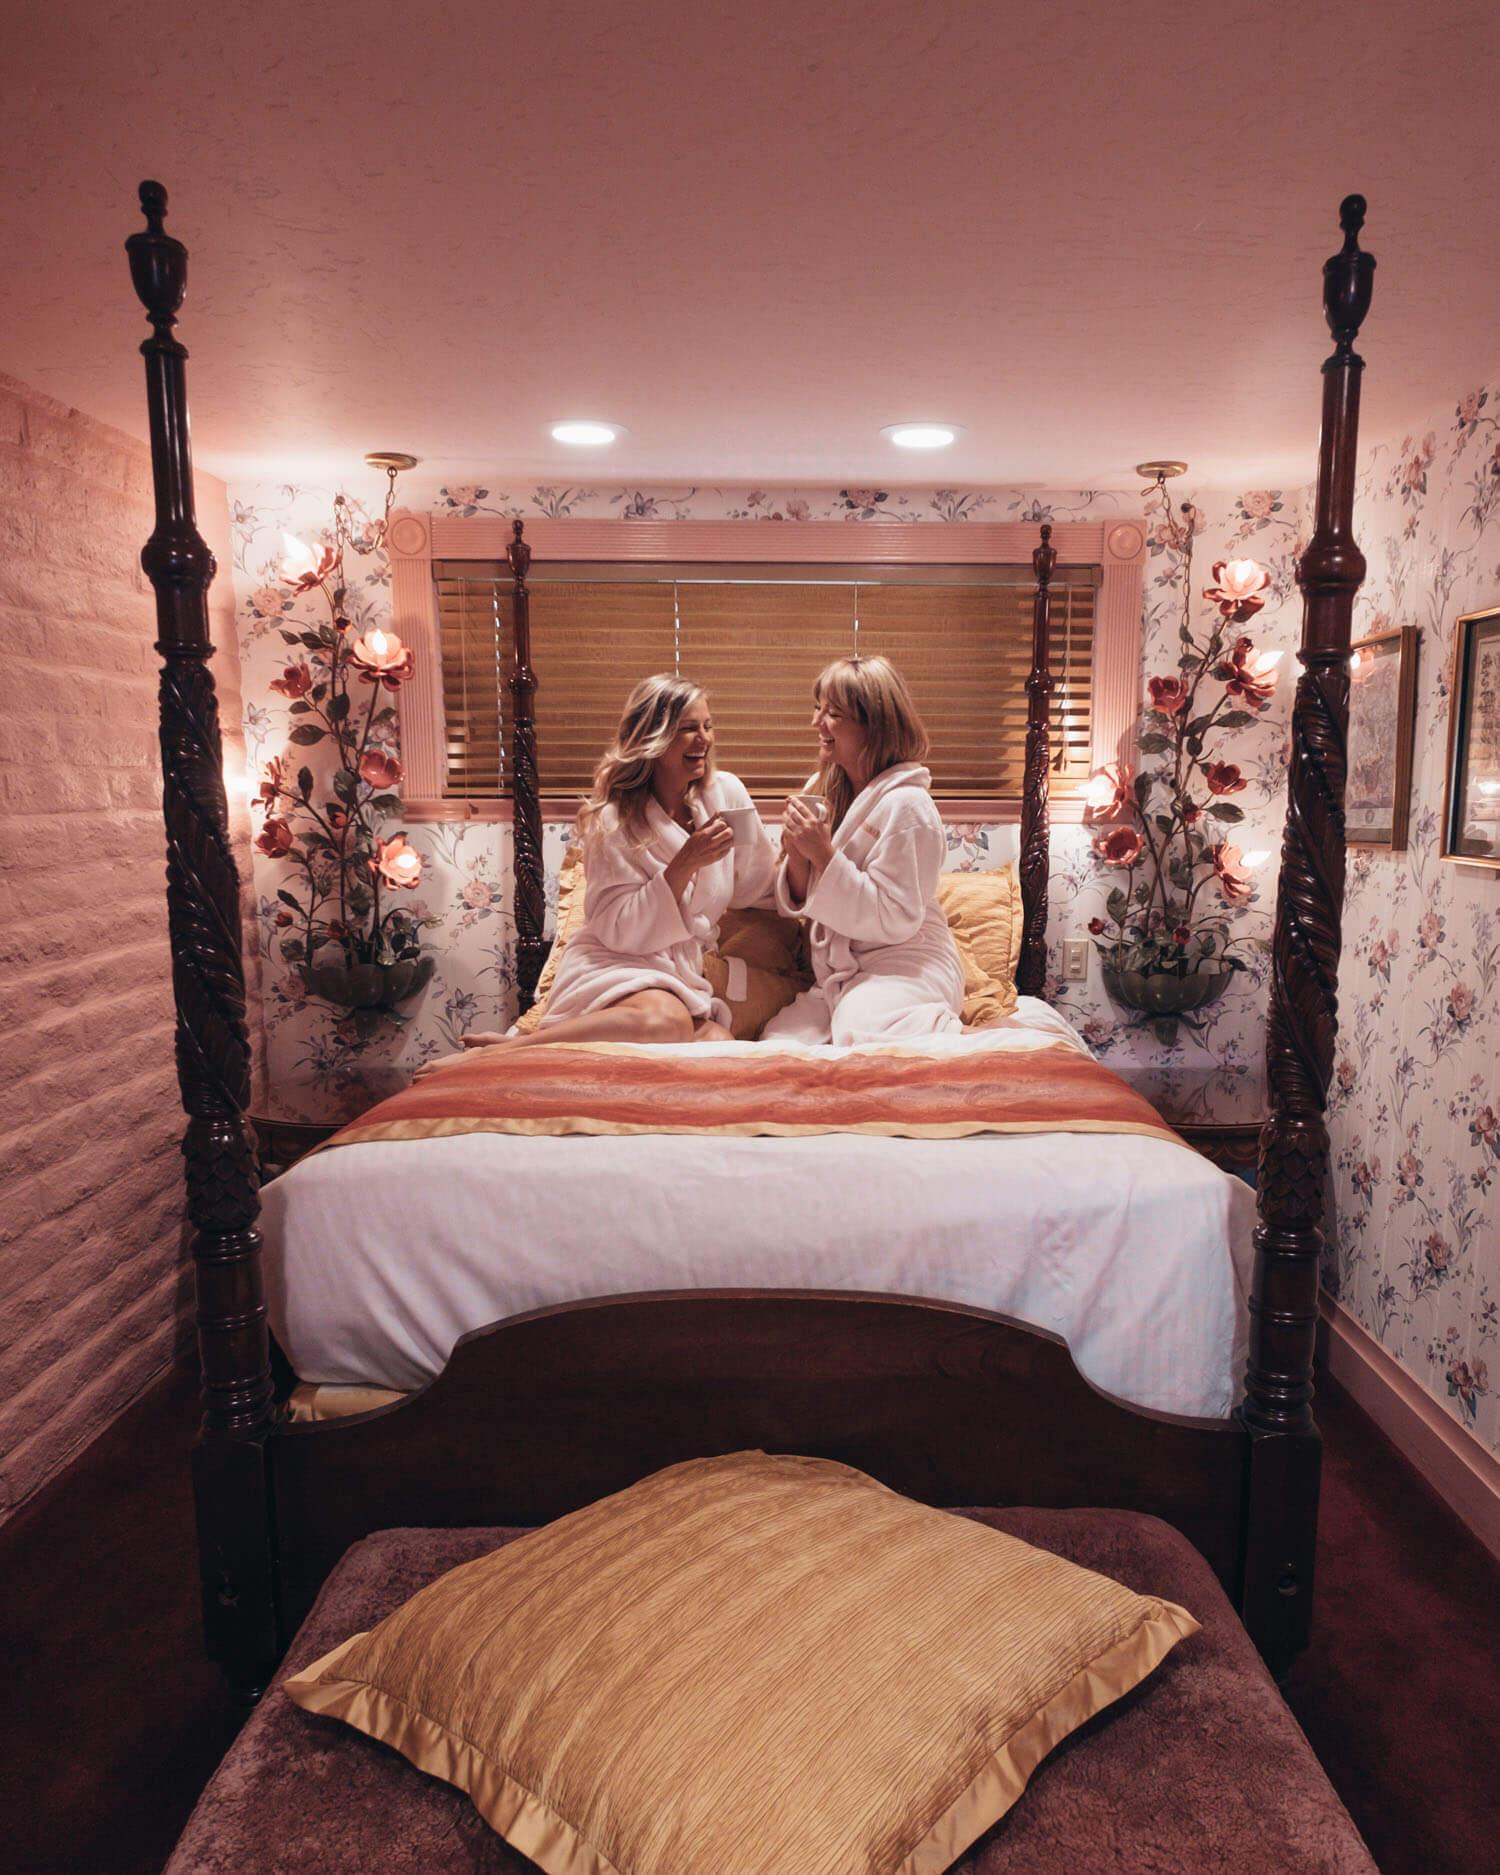 Victoria Gardens Pink Room